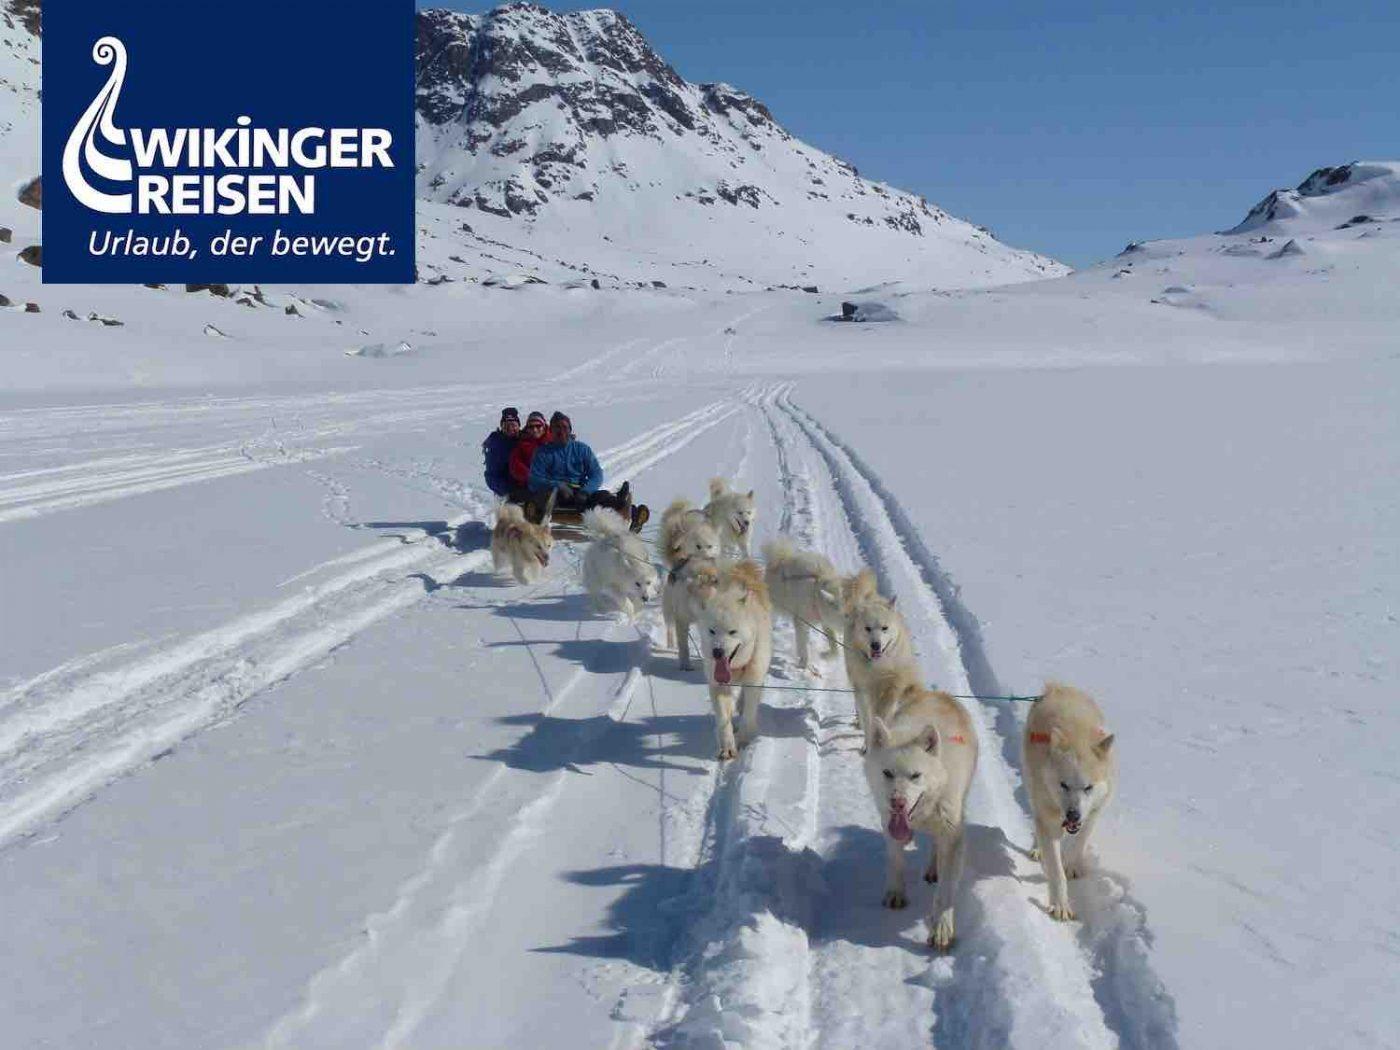 Wikinger Reisen: Winterspaß im Land der Inuit